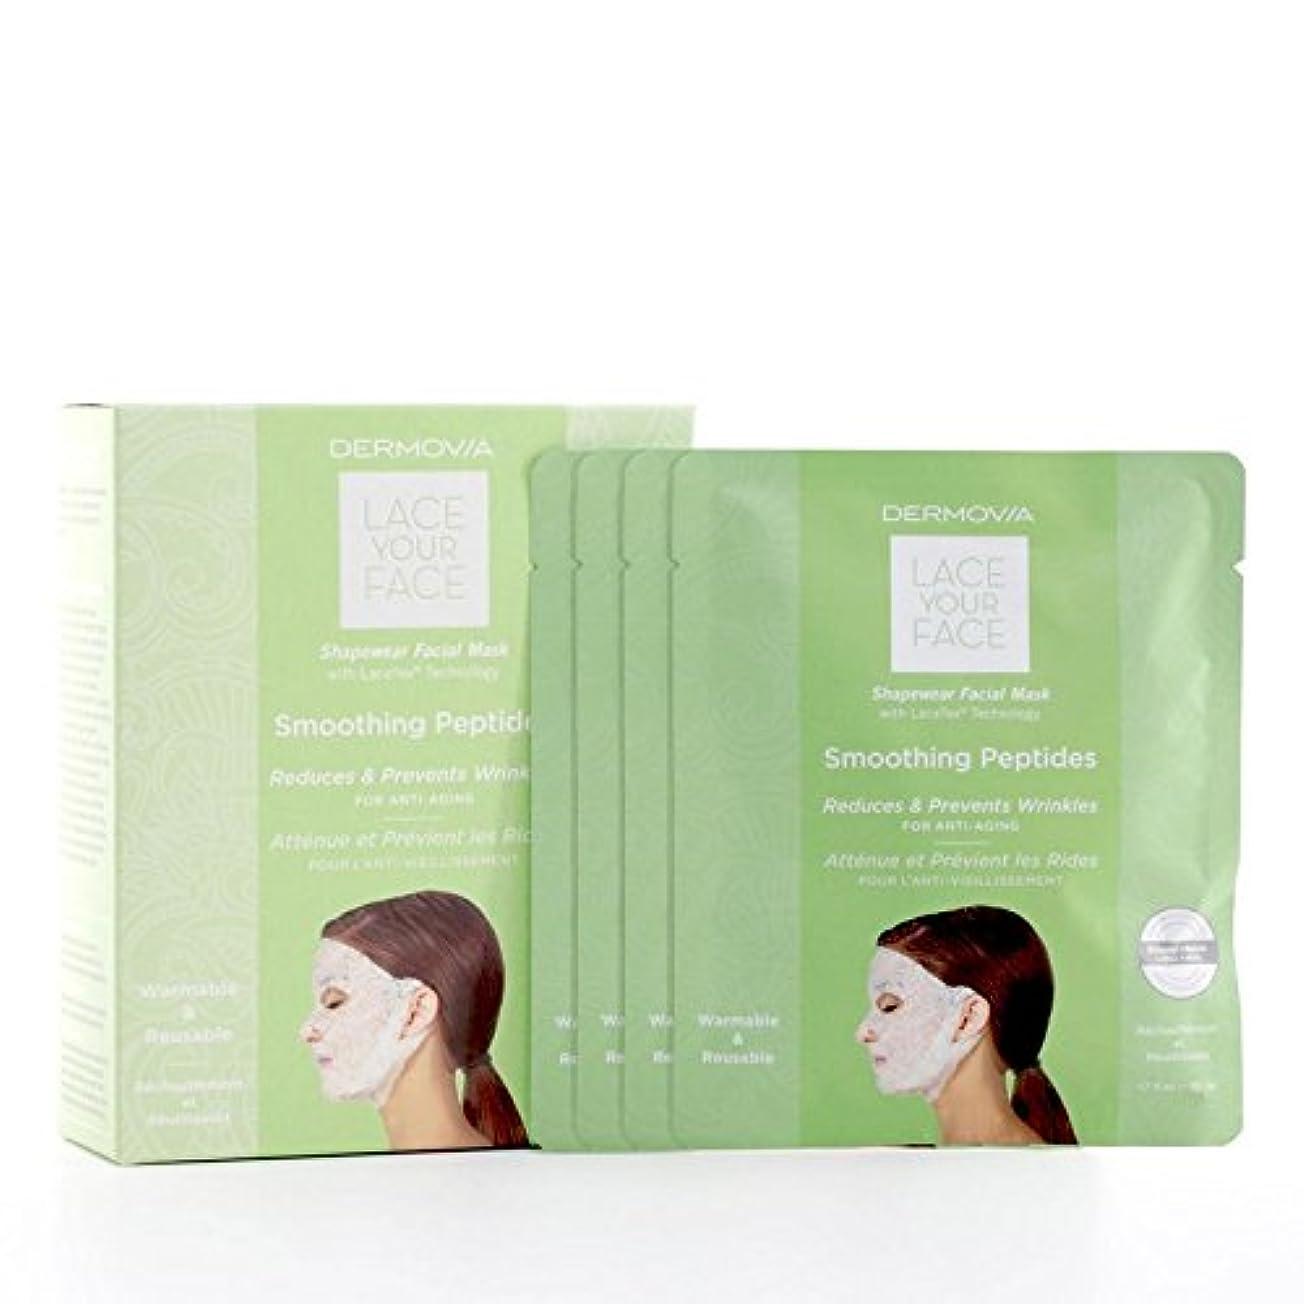 期待するぐるぐる辛なは、あなたの顔の圧縮フェイシャルマスク平滑化ペプチドをひもで締めます x2 - Dermovia Lace Your Face Compression Facial Mask Smoothing Peptides (Pack...